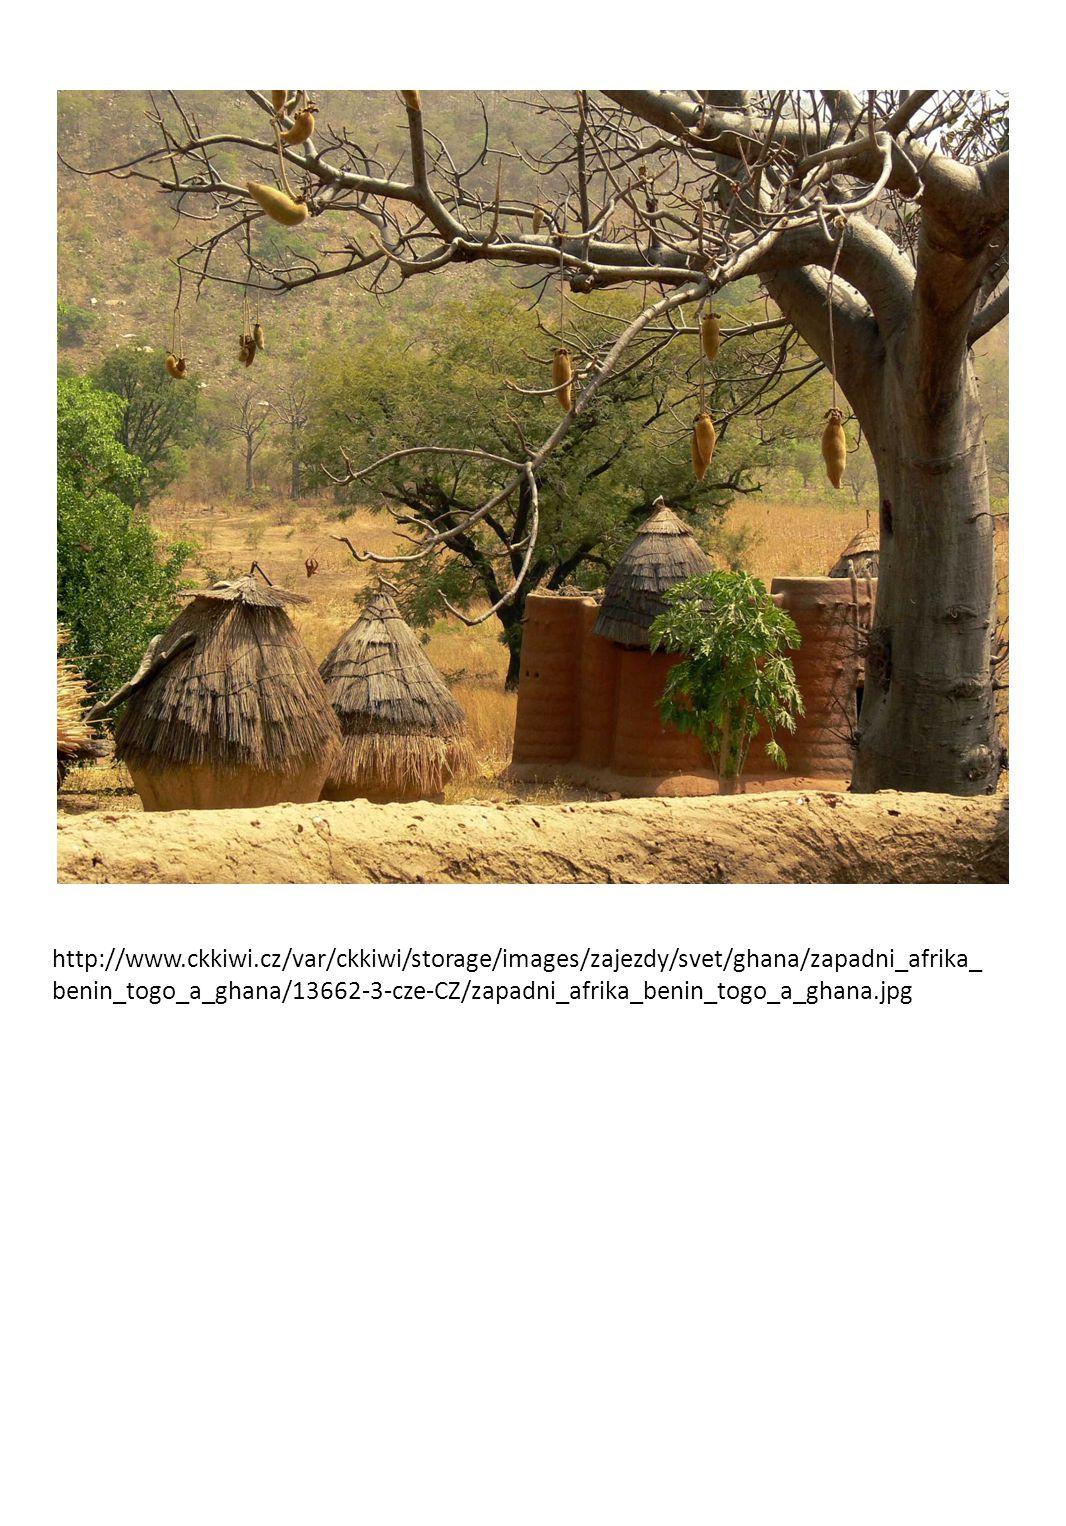 C) rasa žlutá - Malgašové ( křesťanství) http://upload.wikimedia.org/wikipedia/commons/9/92/Family_Madagascar.jpg